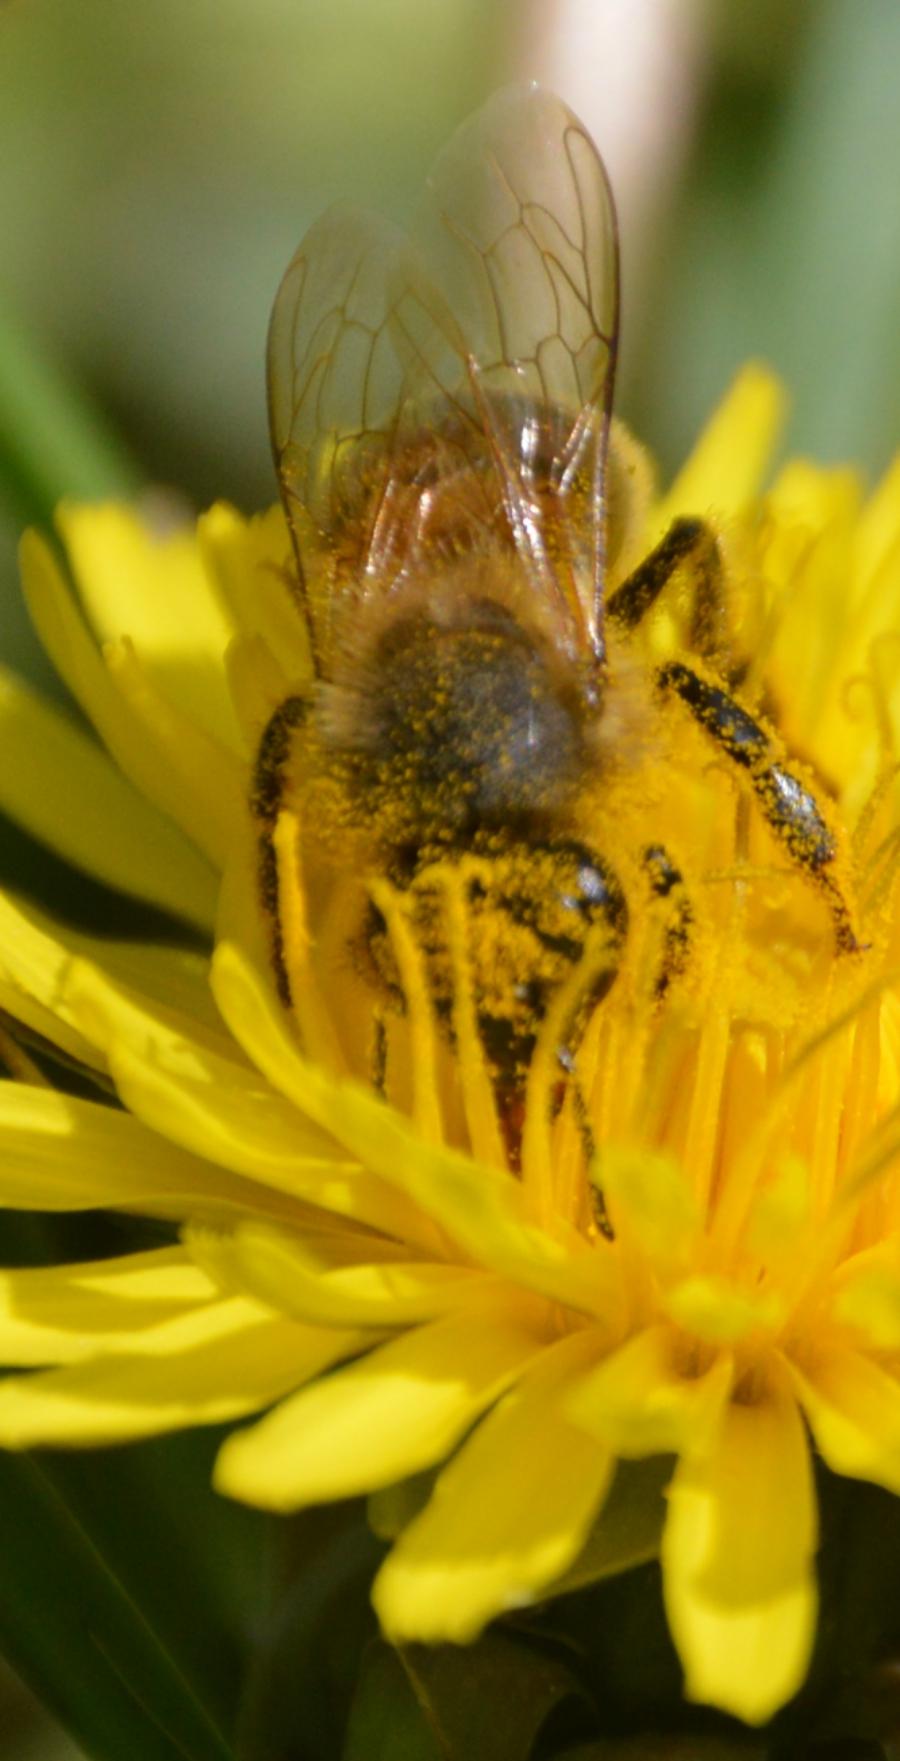 victoriabc-bee-pollen.jpg